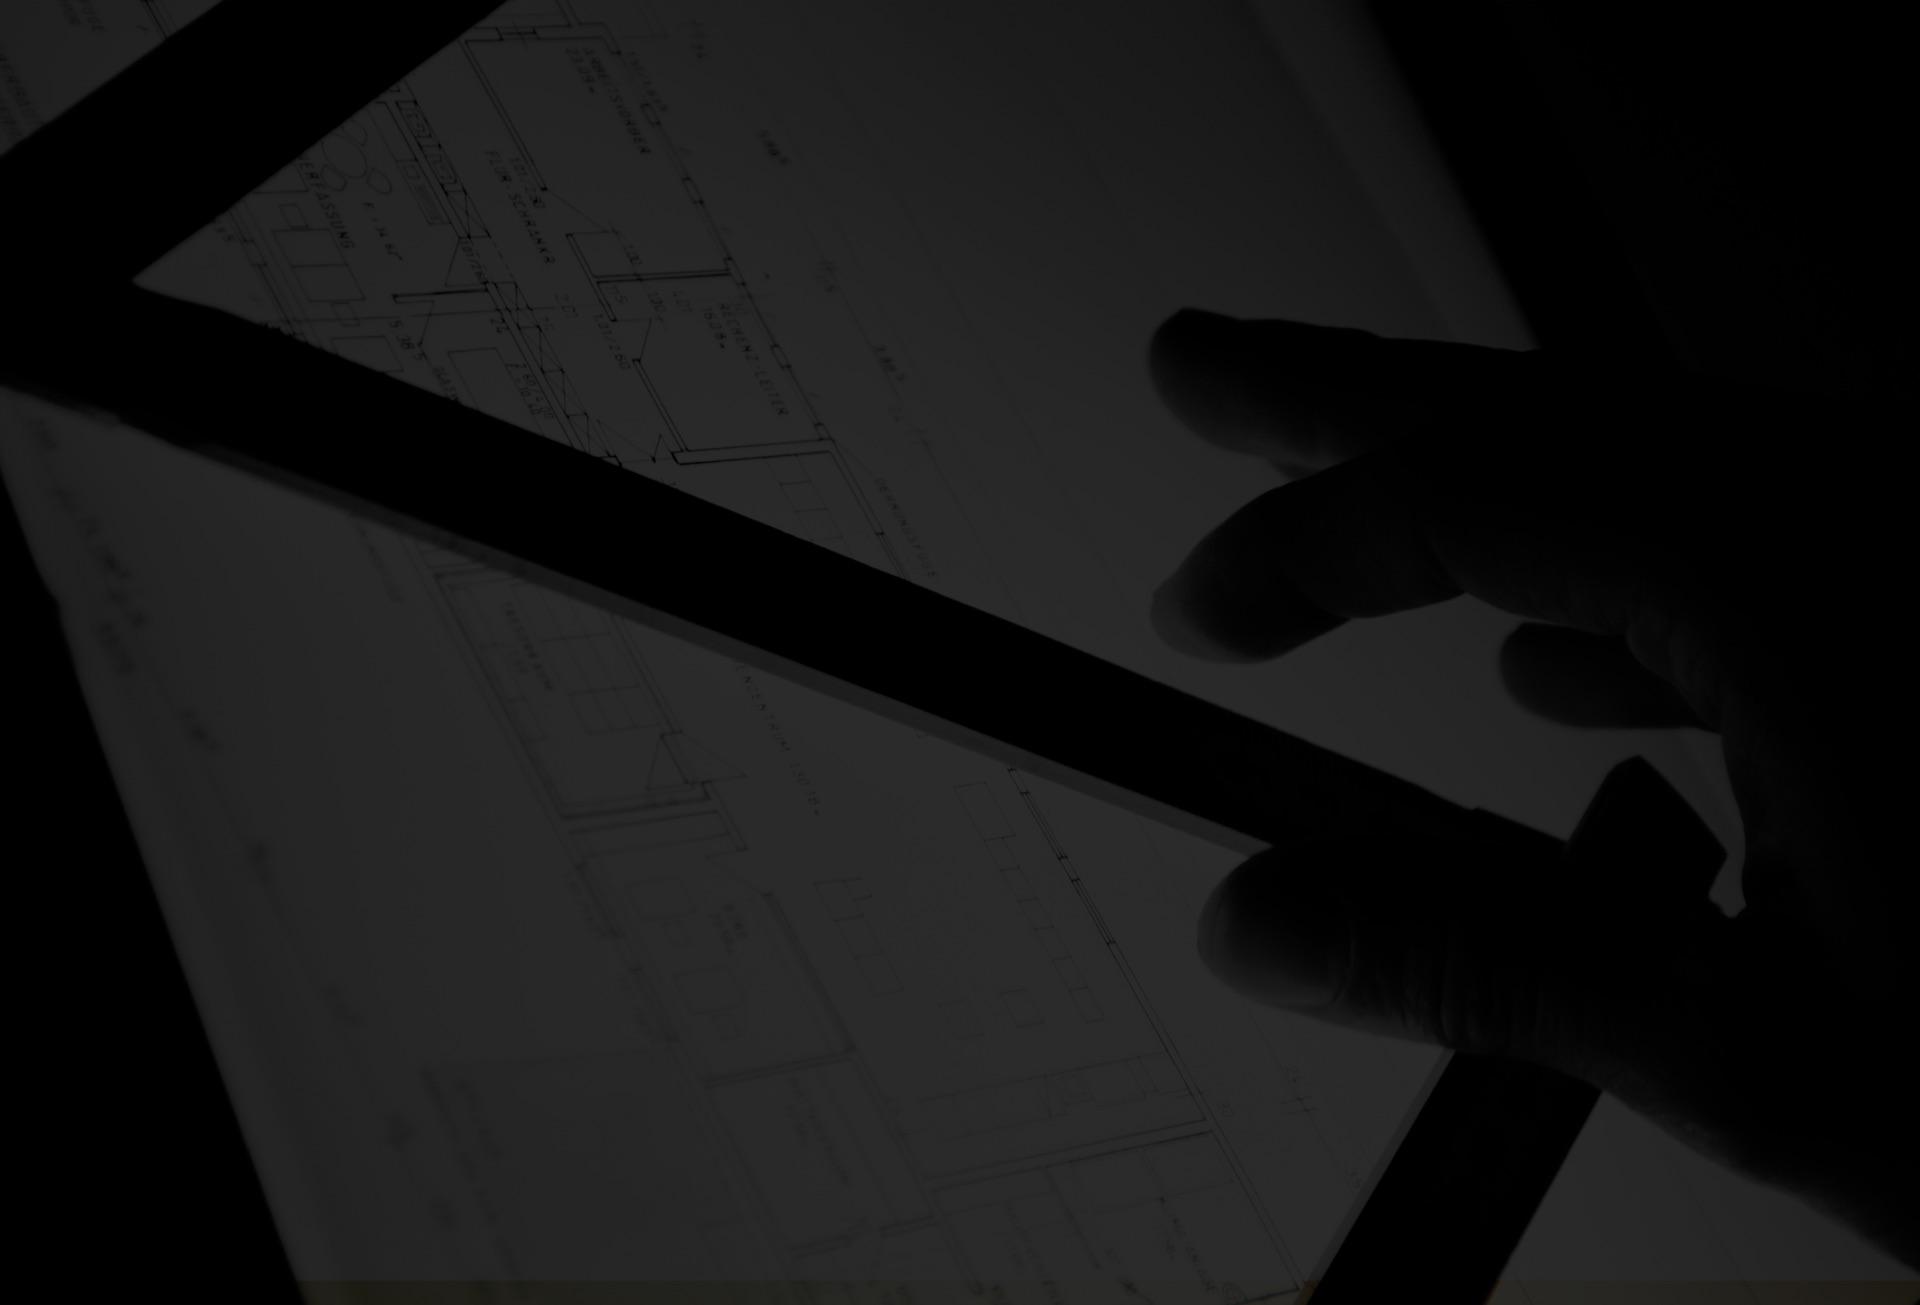 Photo noir et blanc d'un plan d'architecte avec règle de mesure